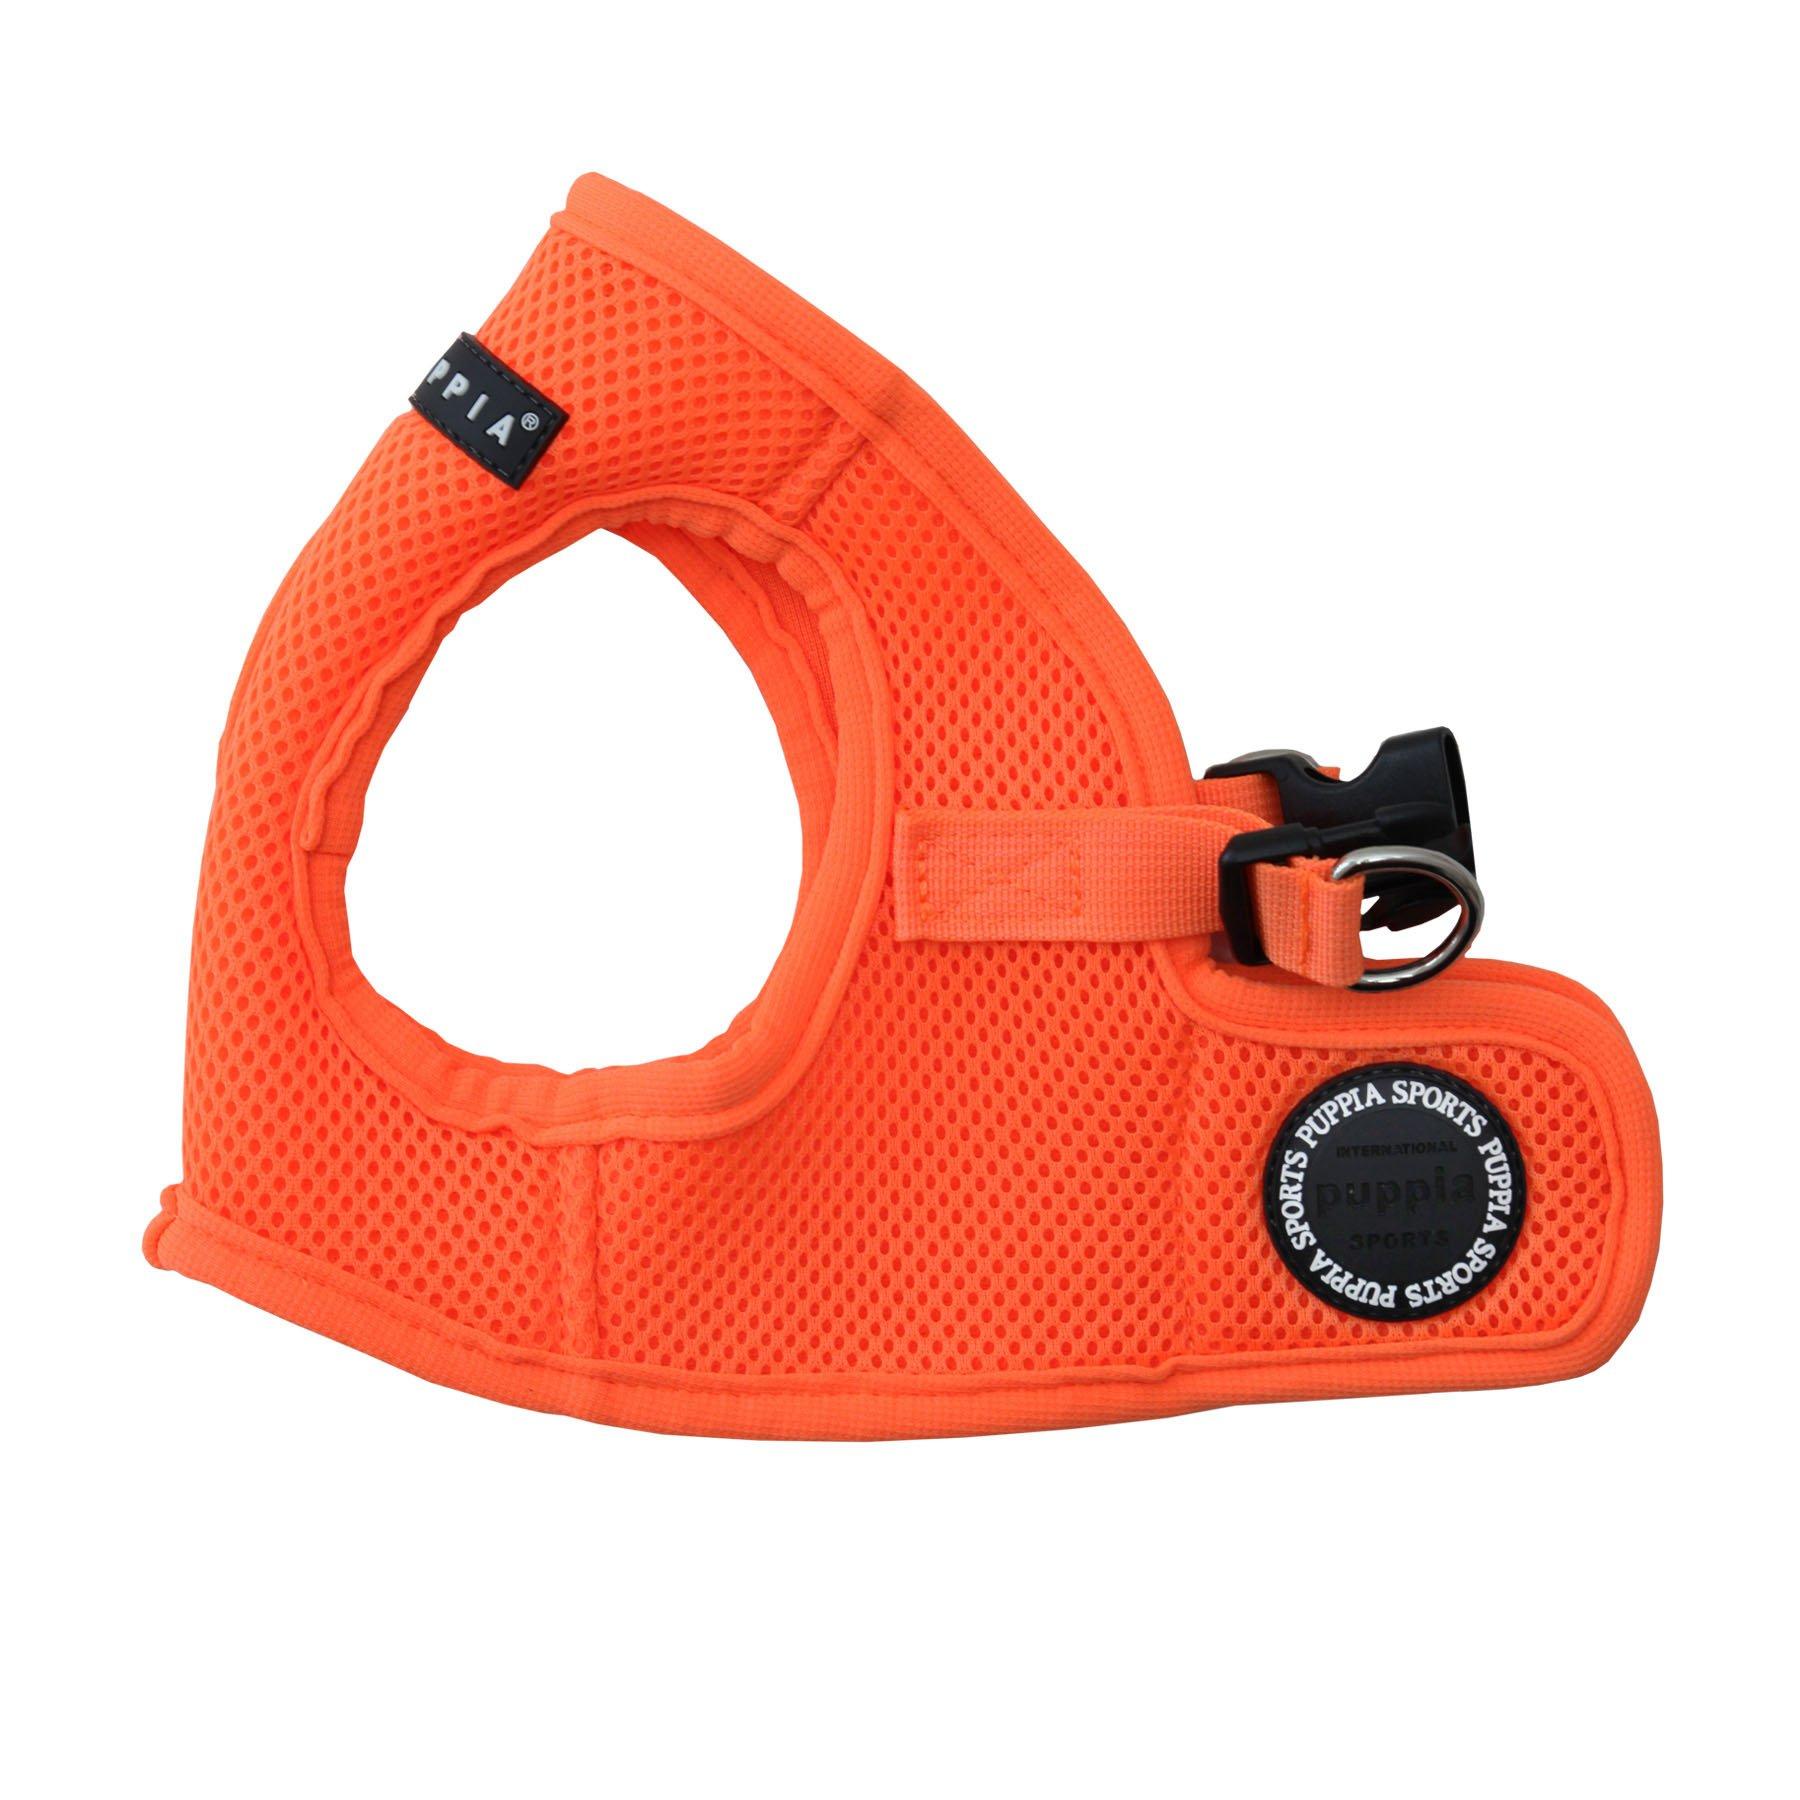 Puppia Authentic Puppia Neon Soft Vest Harness B, Orange, Small